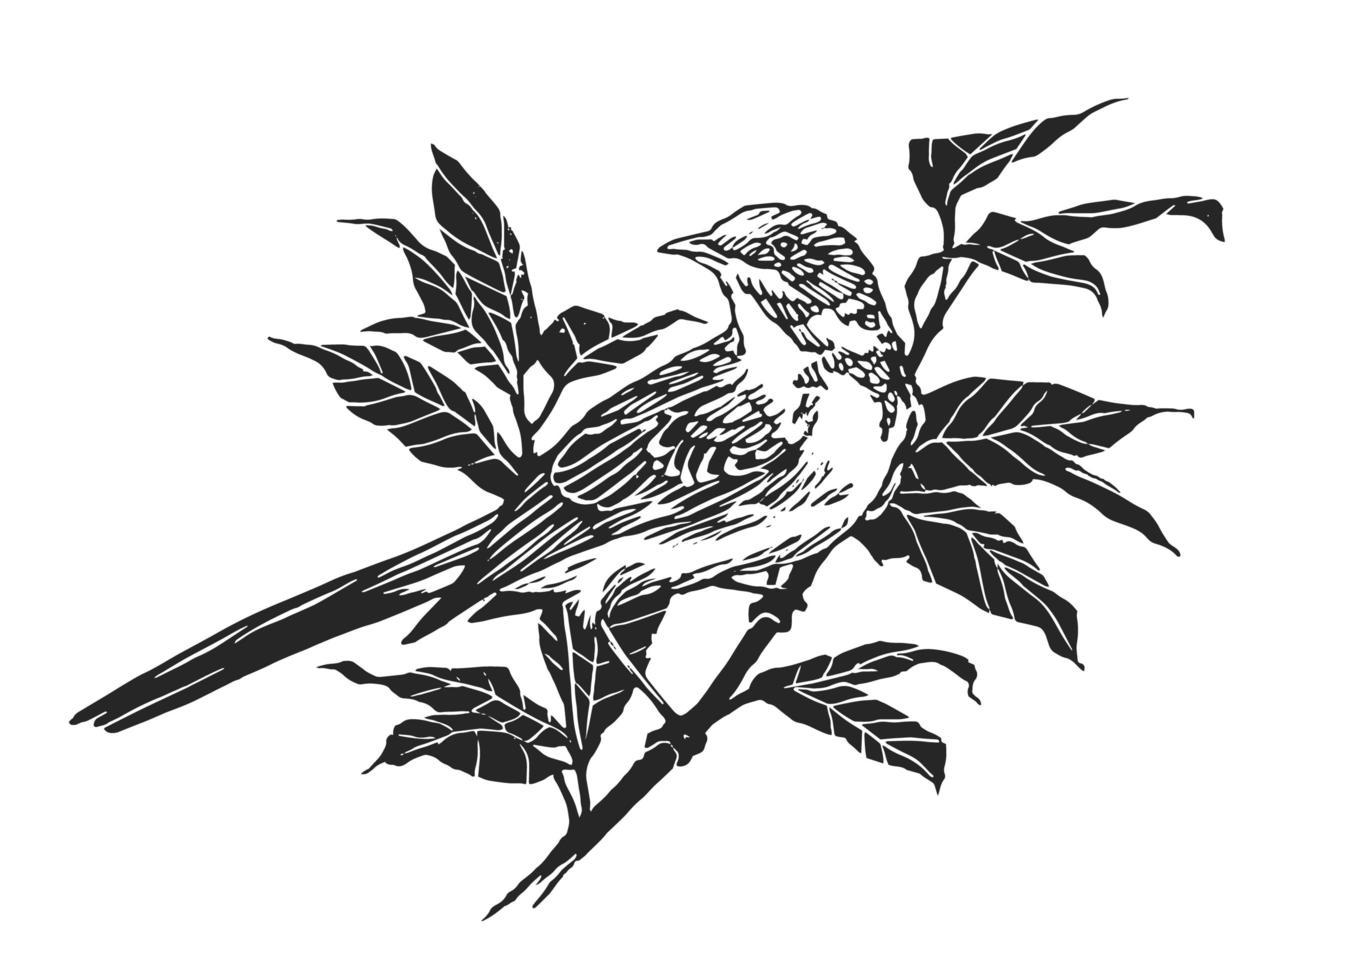 Vogel auf Zweigin Gravur Linolschnitt Stil vektor